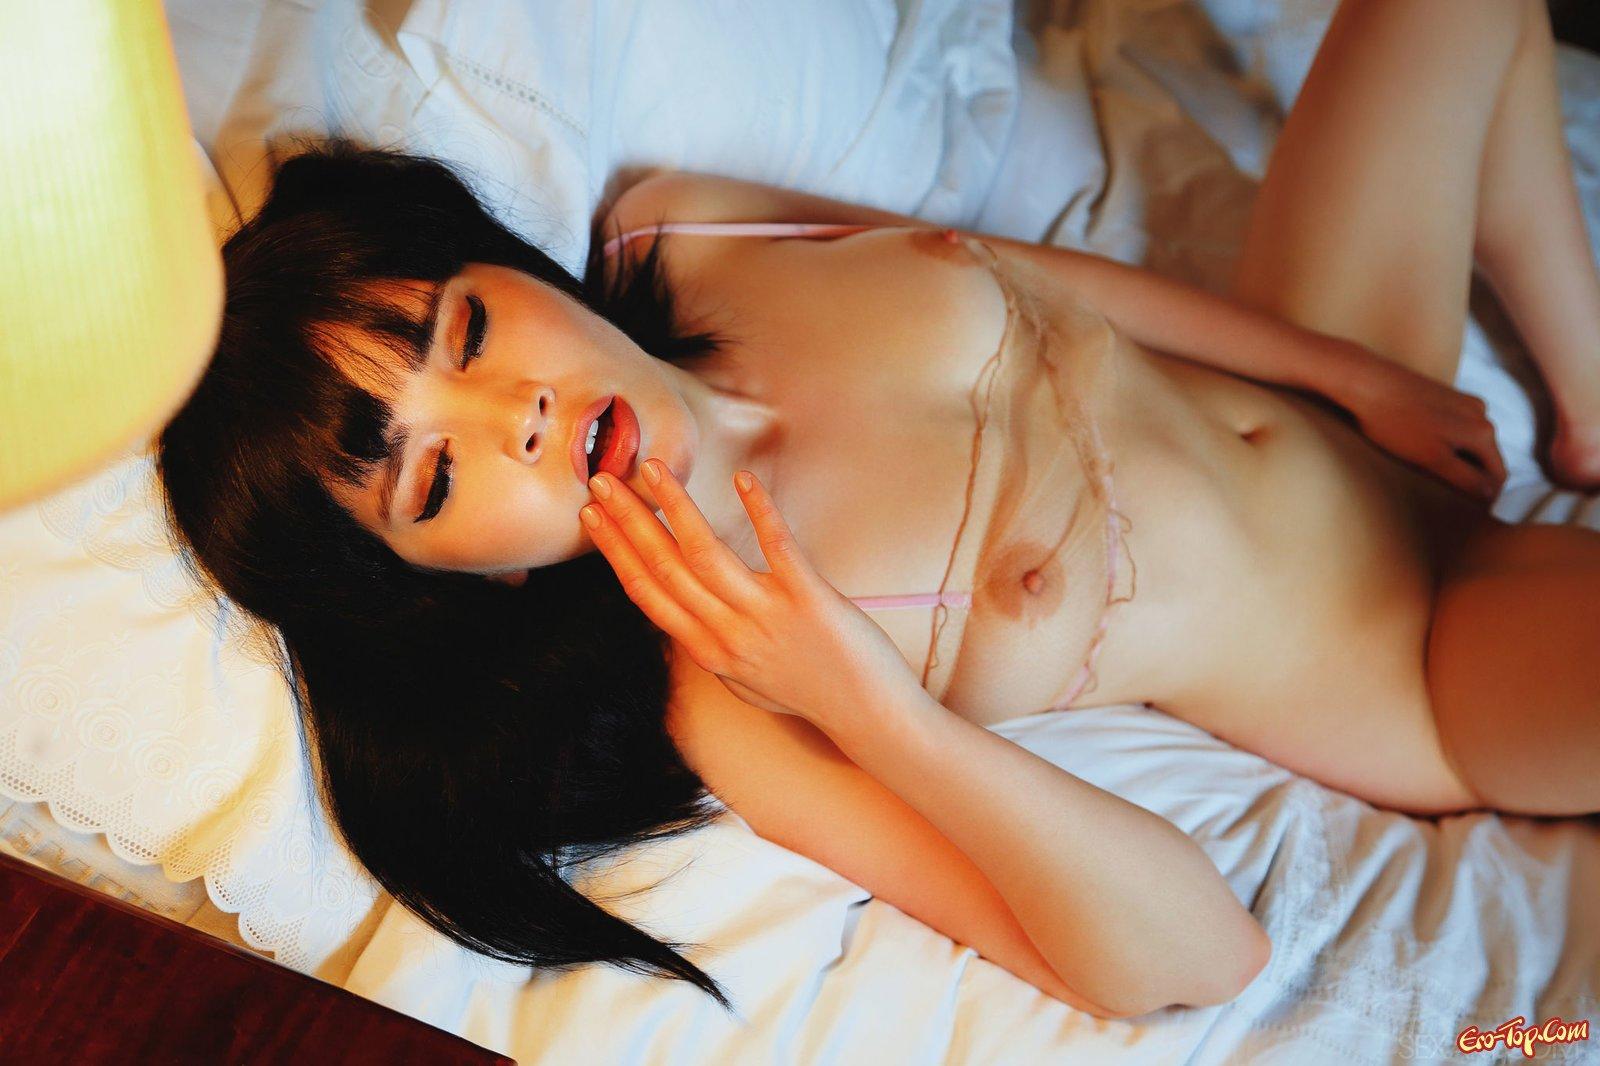 Страстная леди в прозрачном белье в спальне